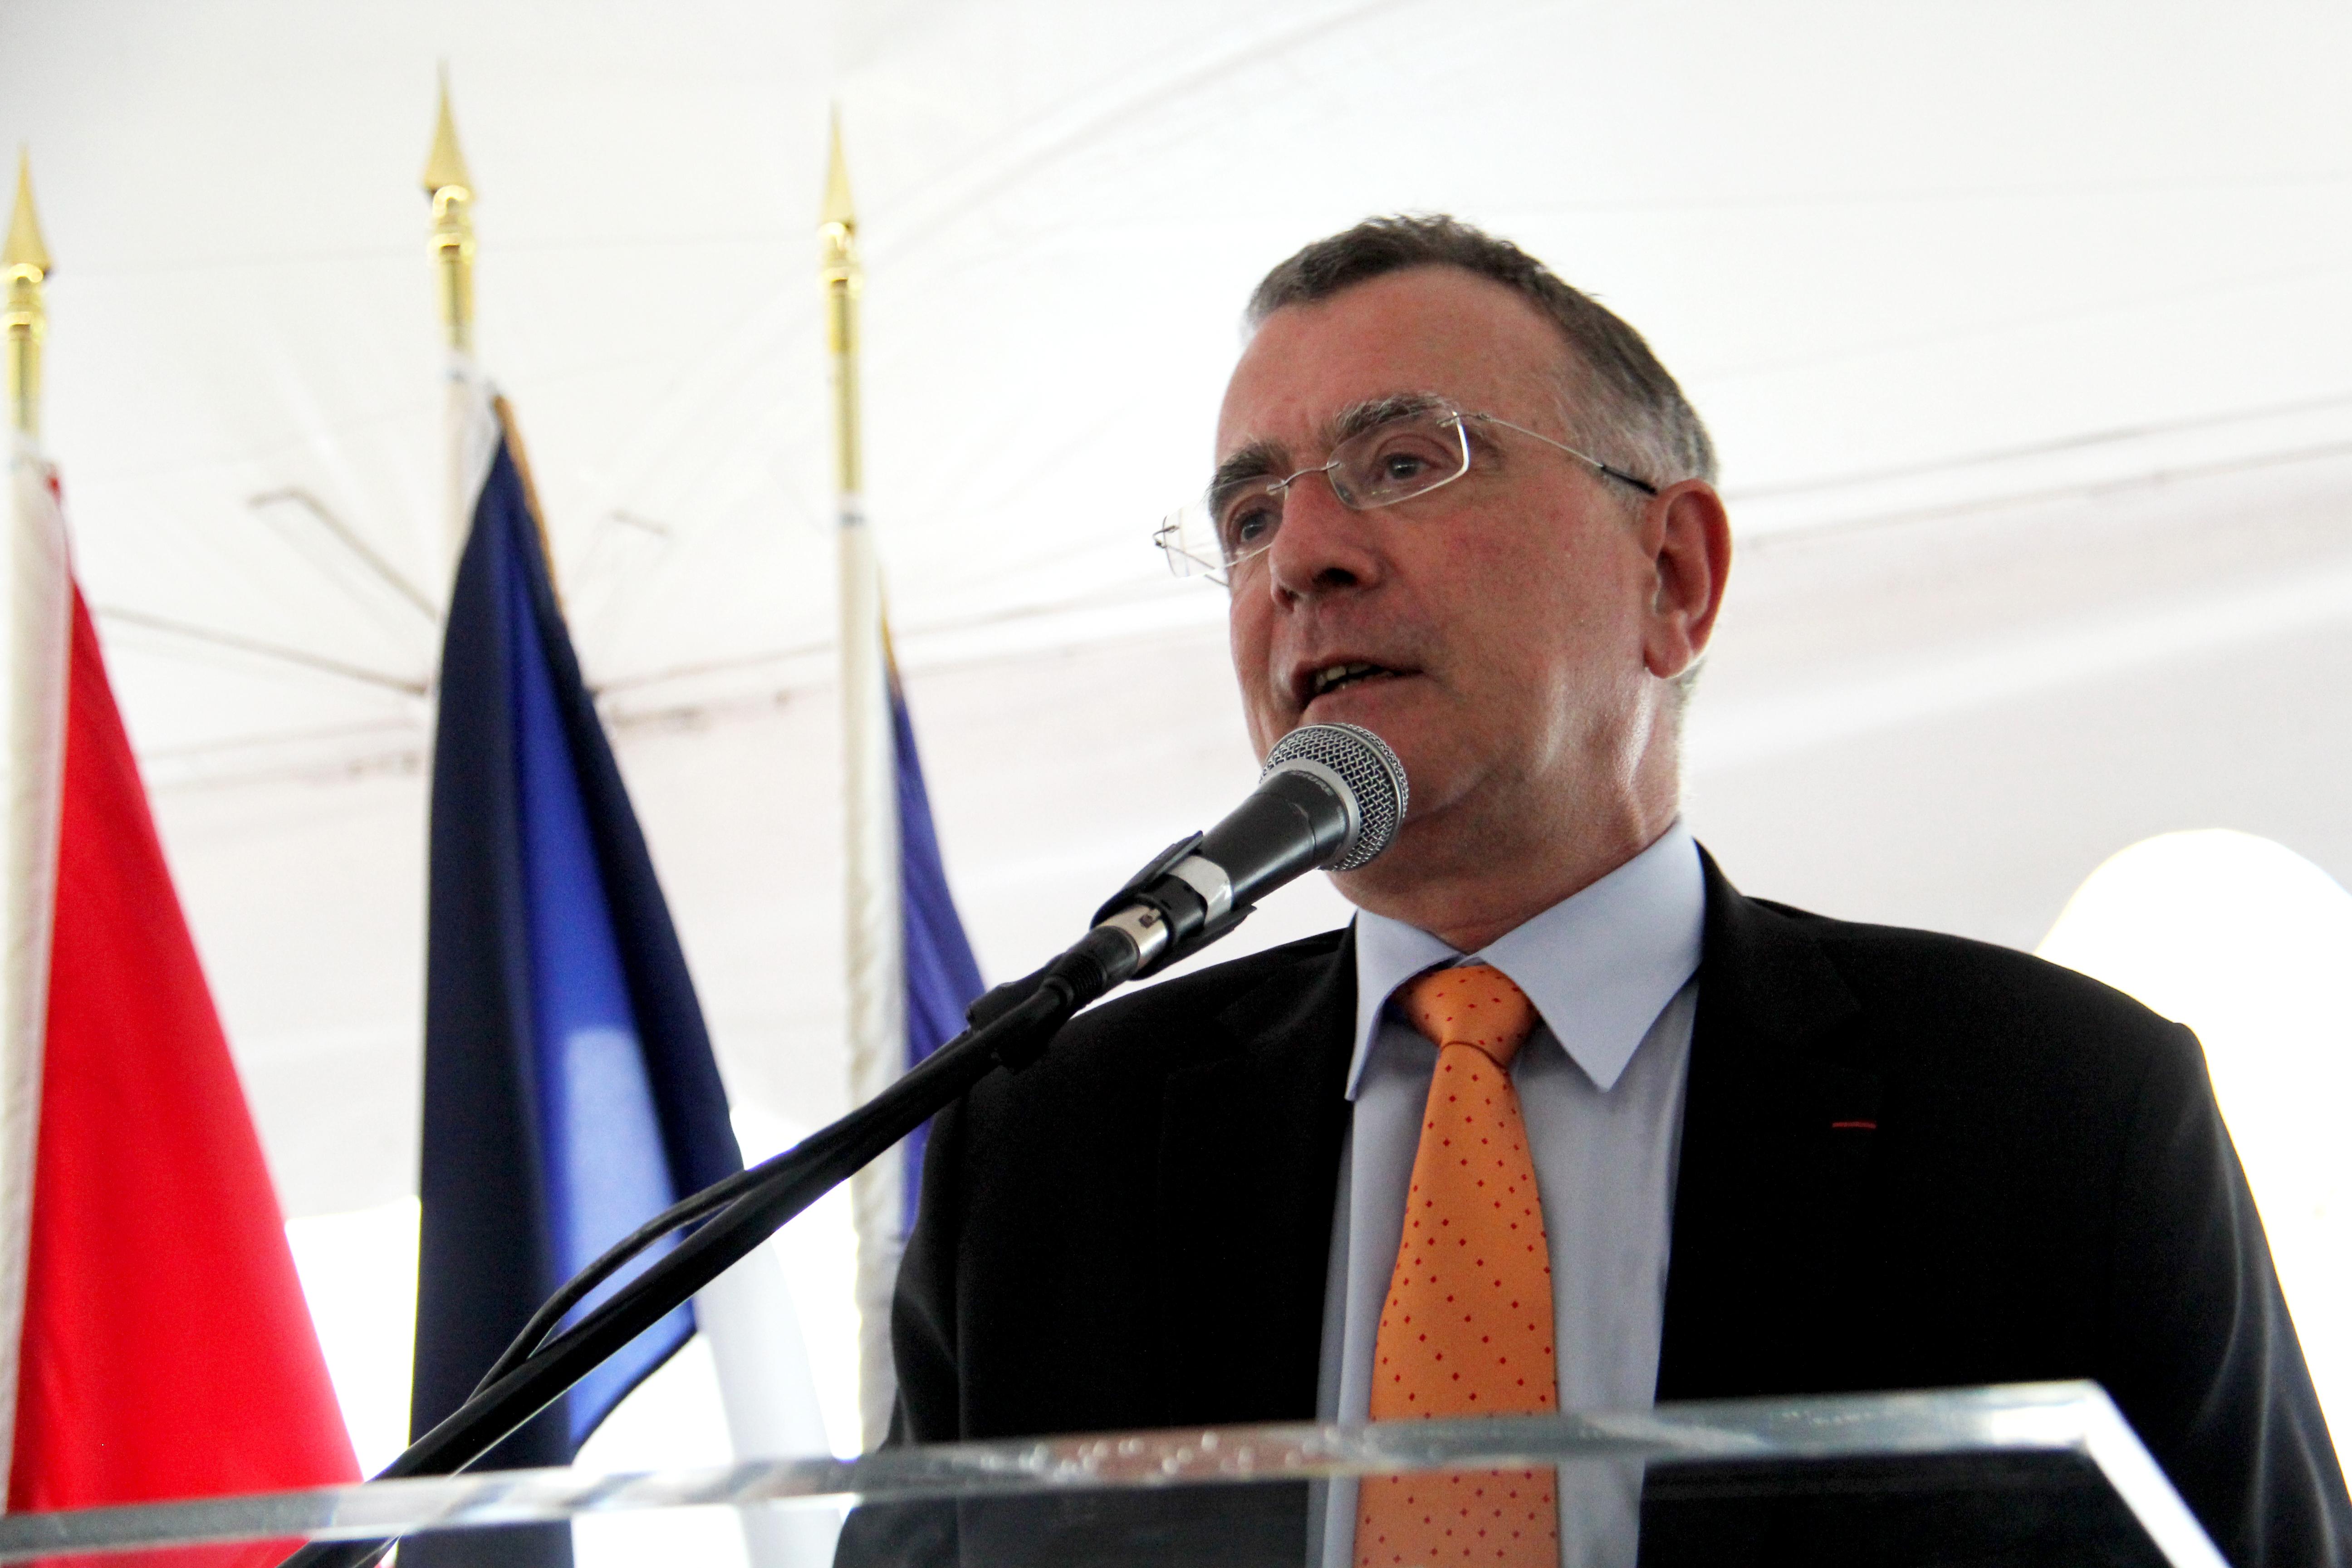 L'ambassadeur de France Nicolas Chapuis quitte Ottawa: mission accomplie!